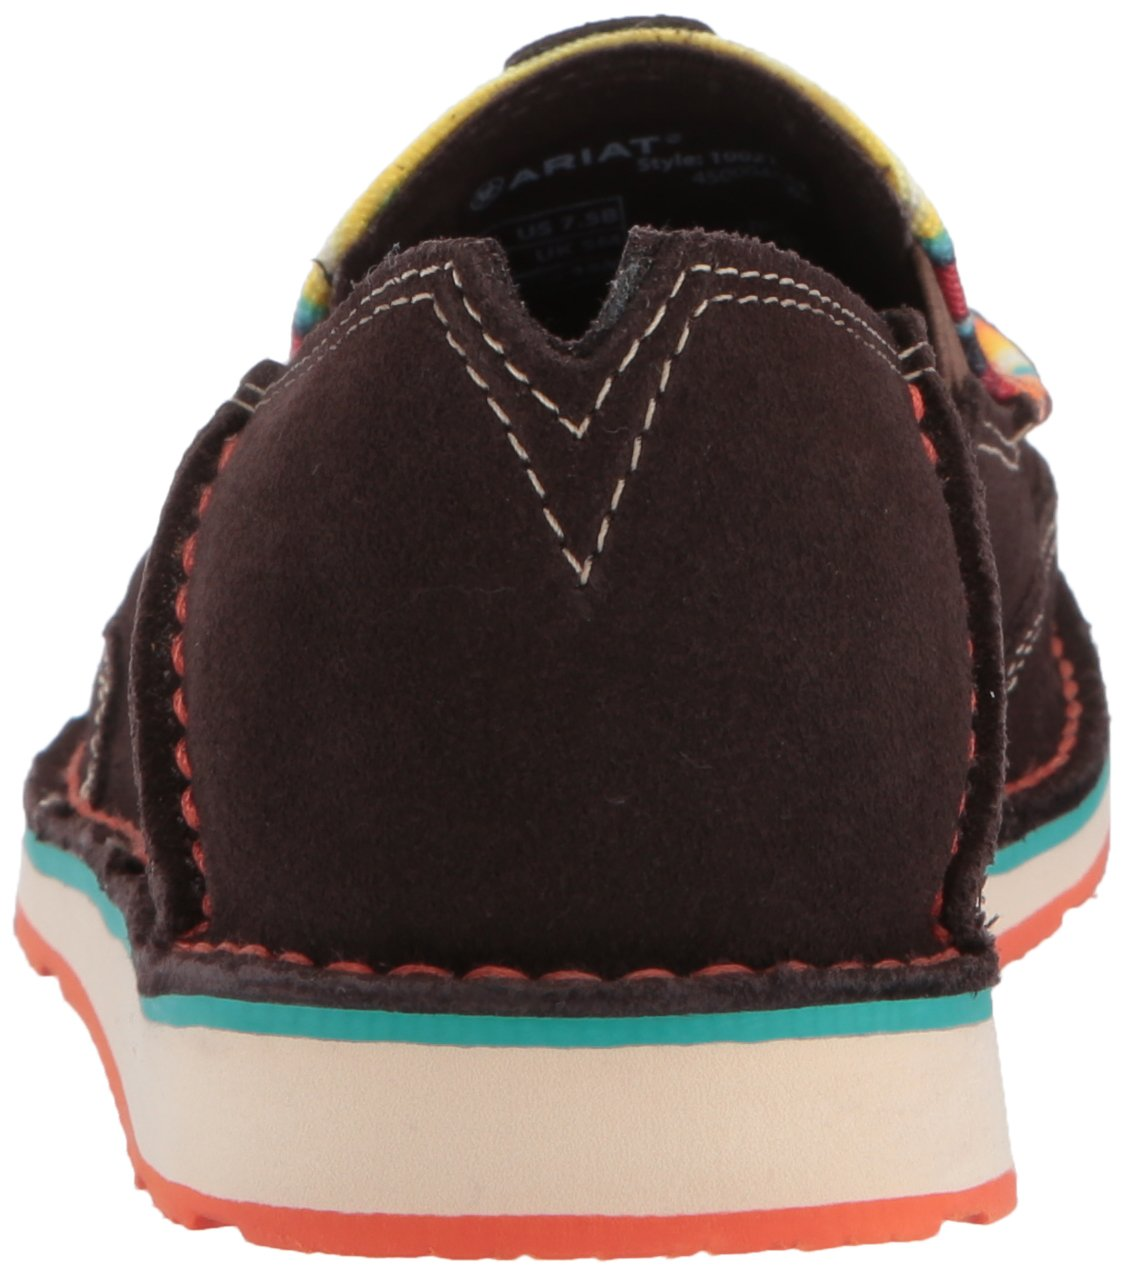 Ariat Women's 9 Cruiser Slip-on Shoe B01MSCWO6L 9 Women's B(M) US|Chocolate Fudge 8beb46